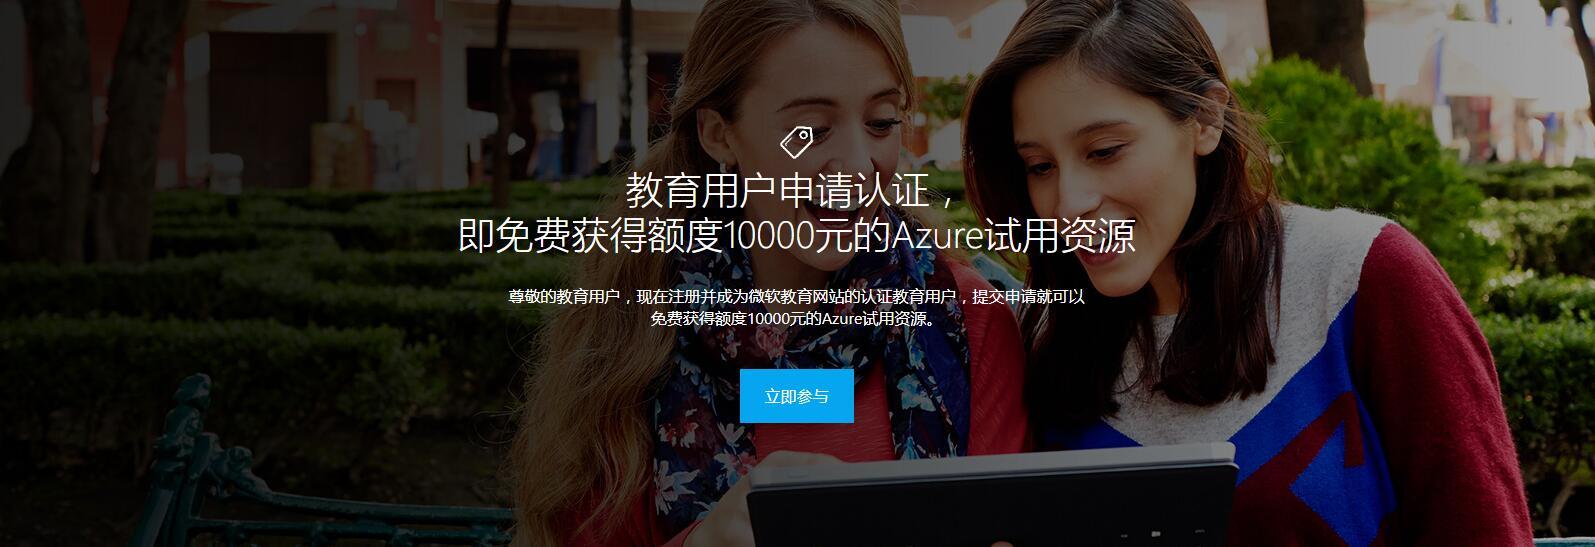 申请教育用户认证,免费获得额度10000元的Azure试用资源!